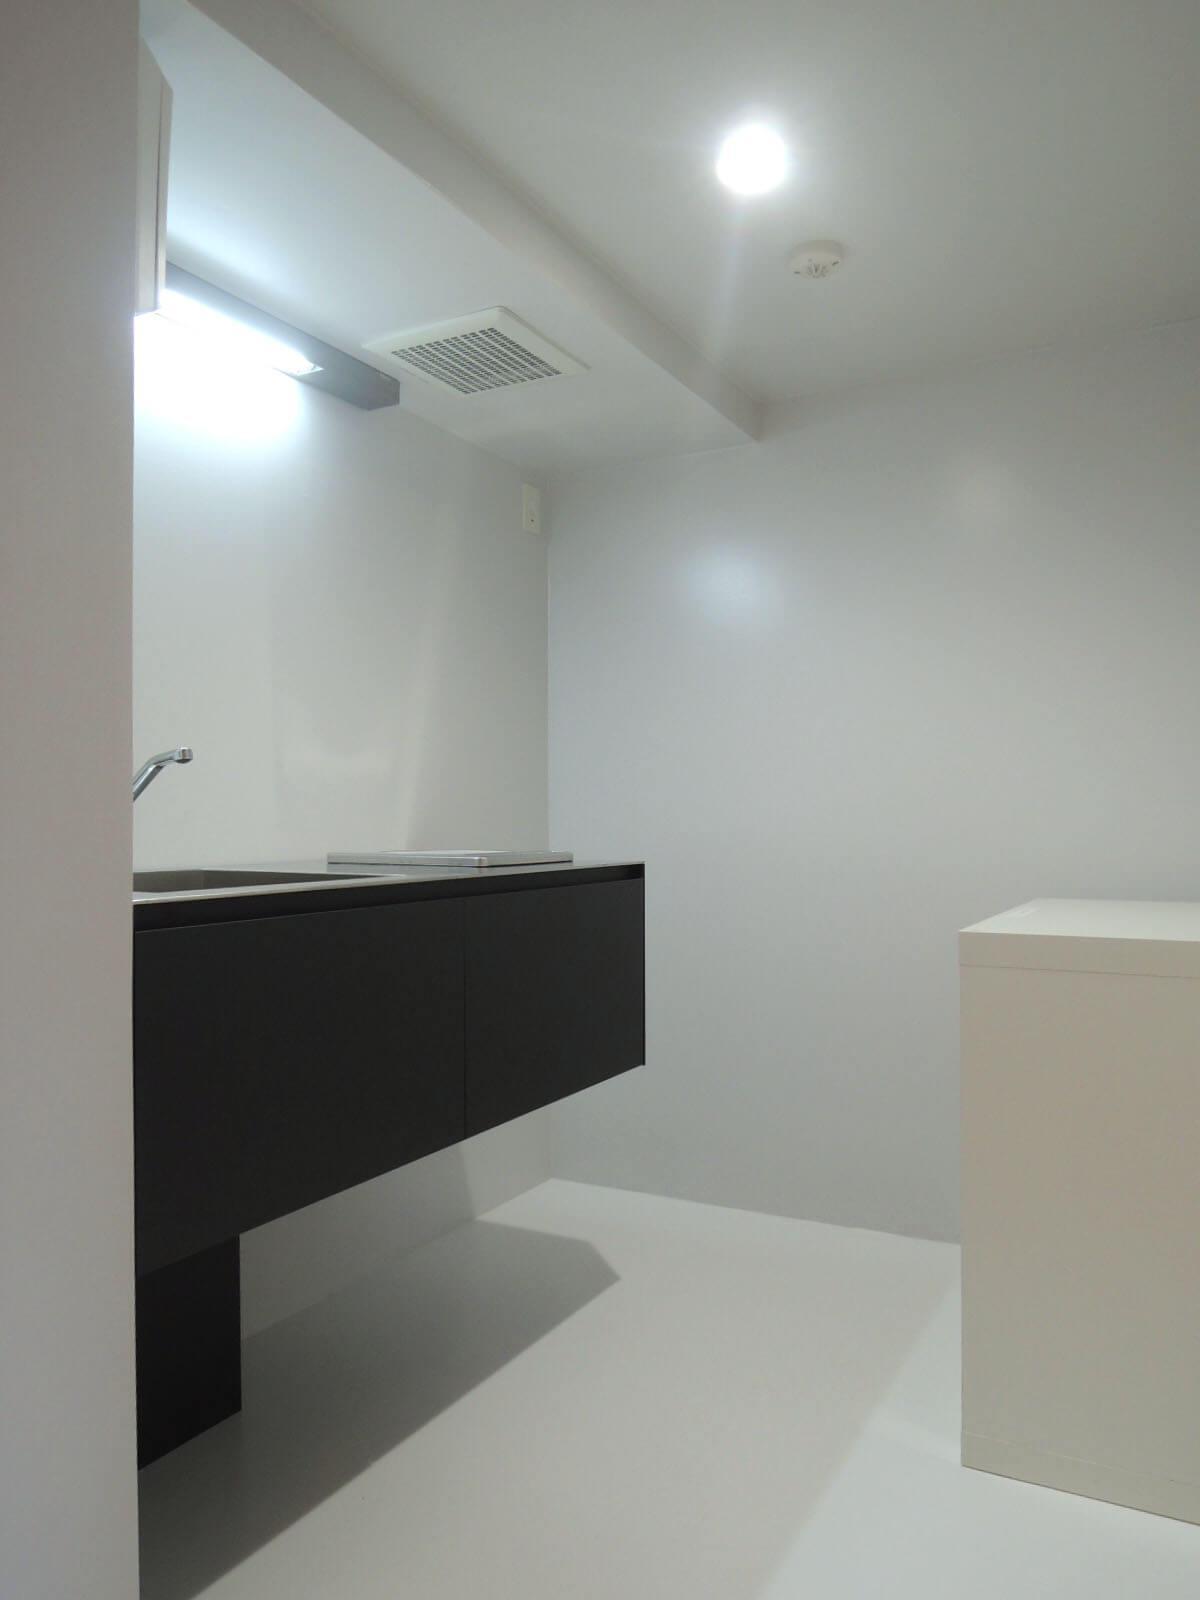 クールなキッチン、白い棚は備え付け